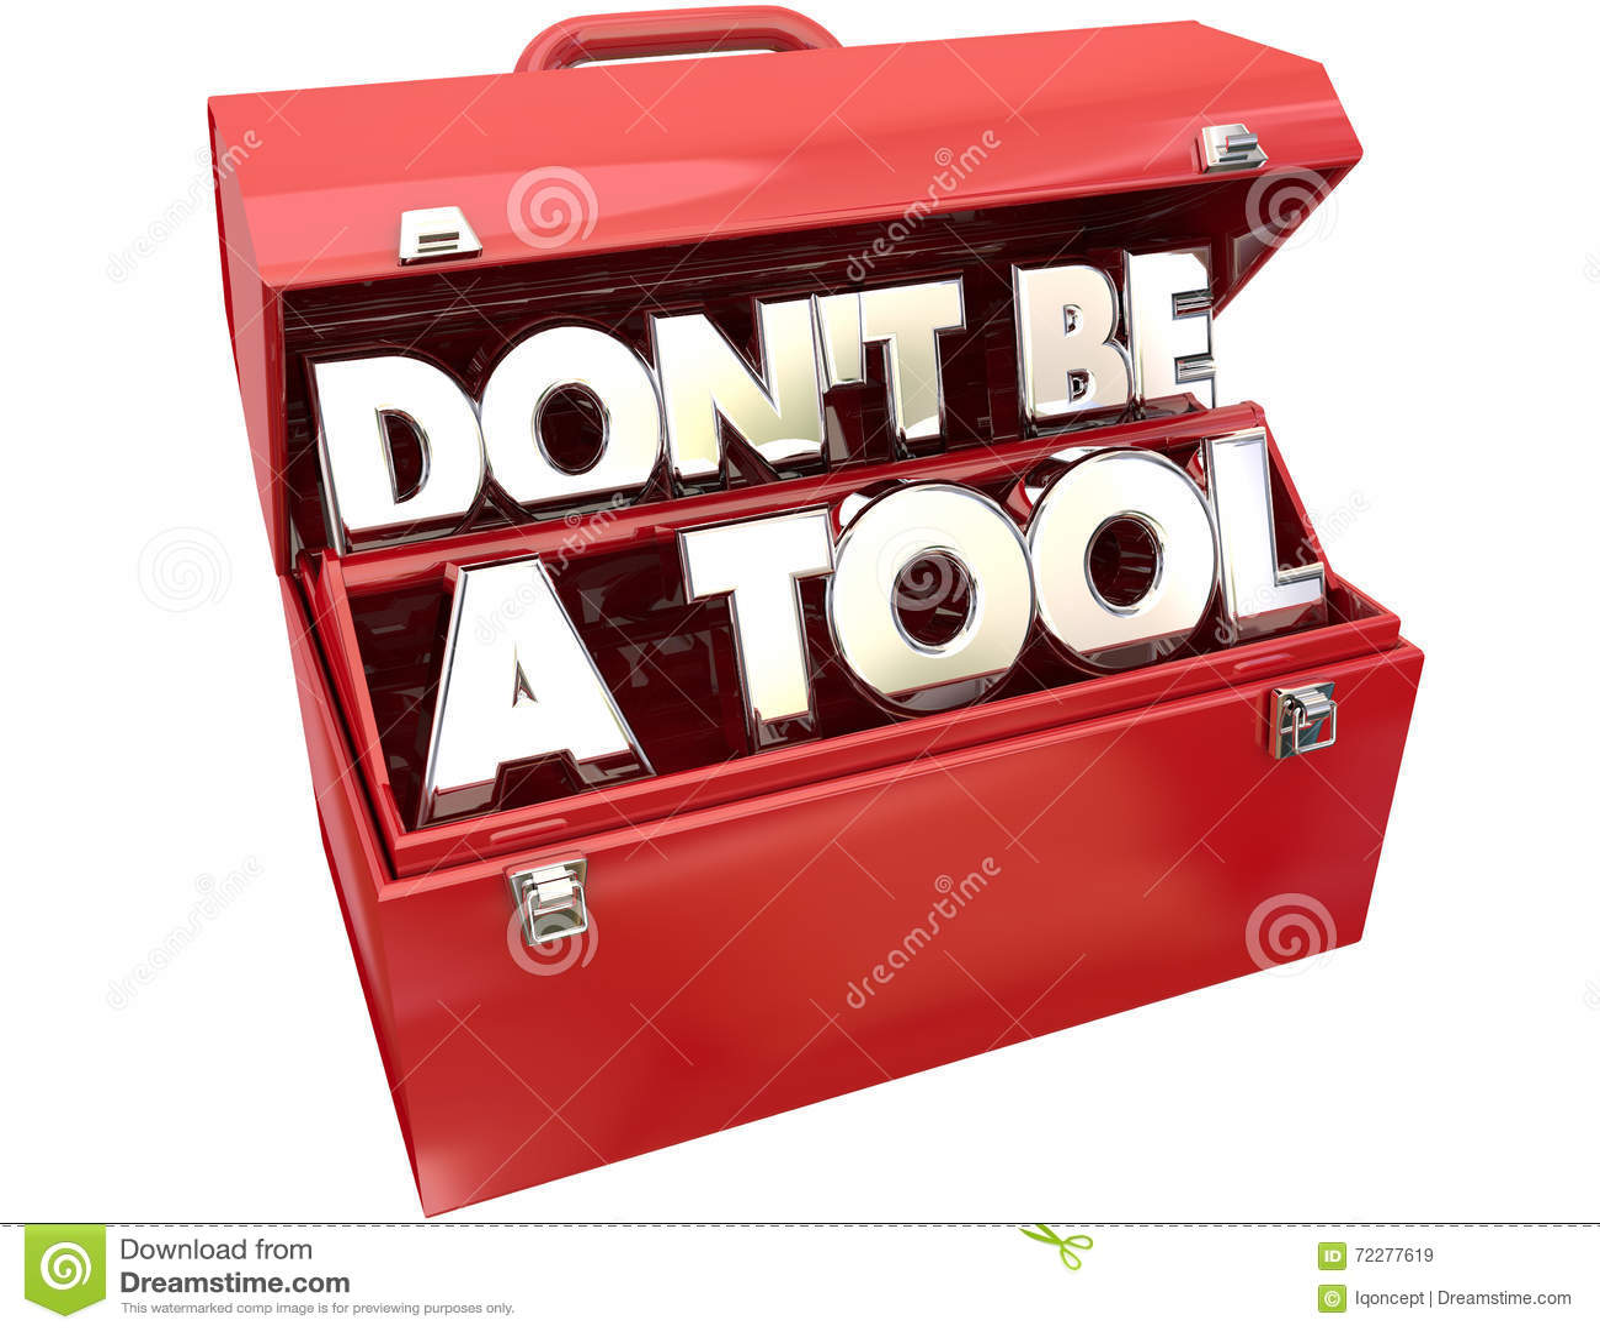 Don-` t ist ein Werkzeug-Ruck-Idiot-Dummkopf-Verhalten-Werkzeugkasten